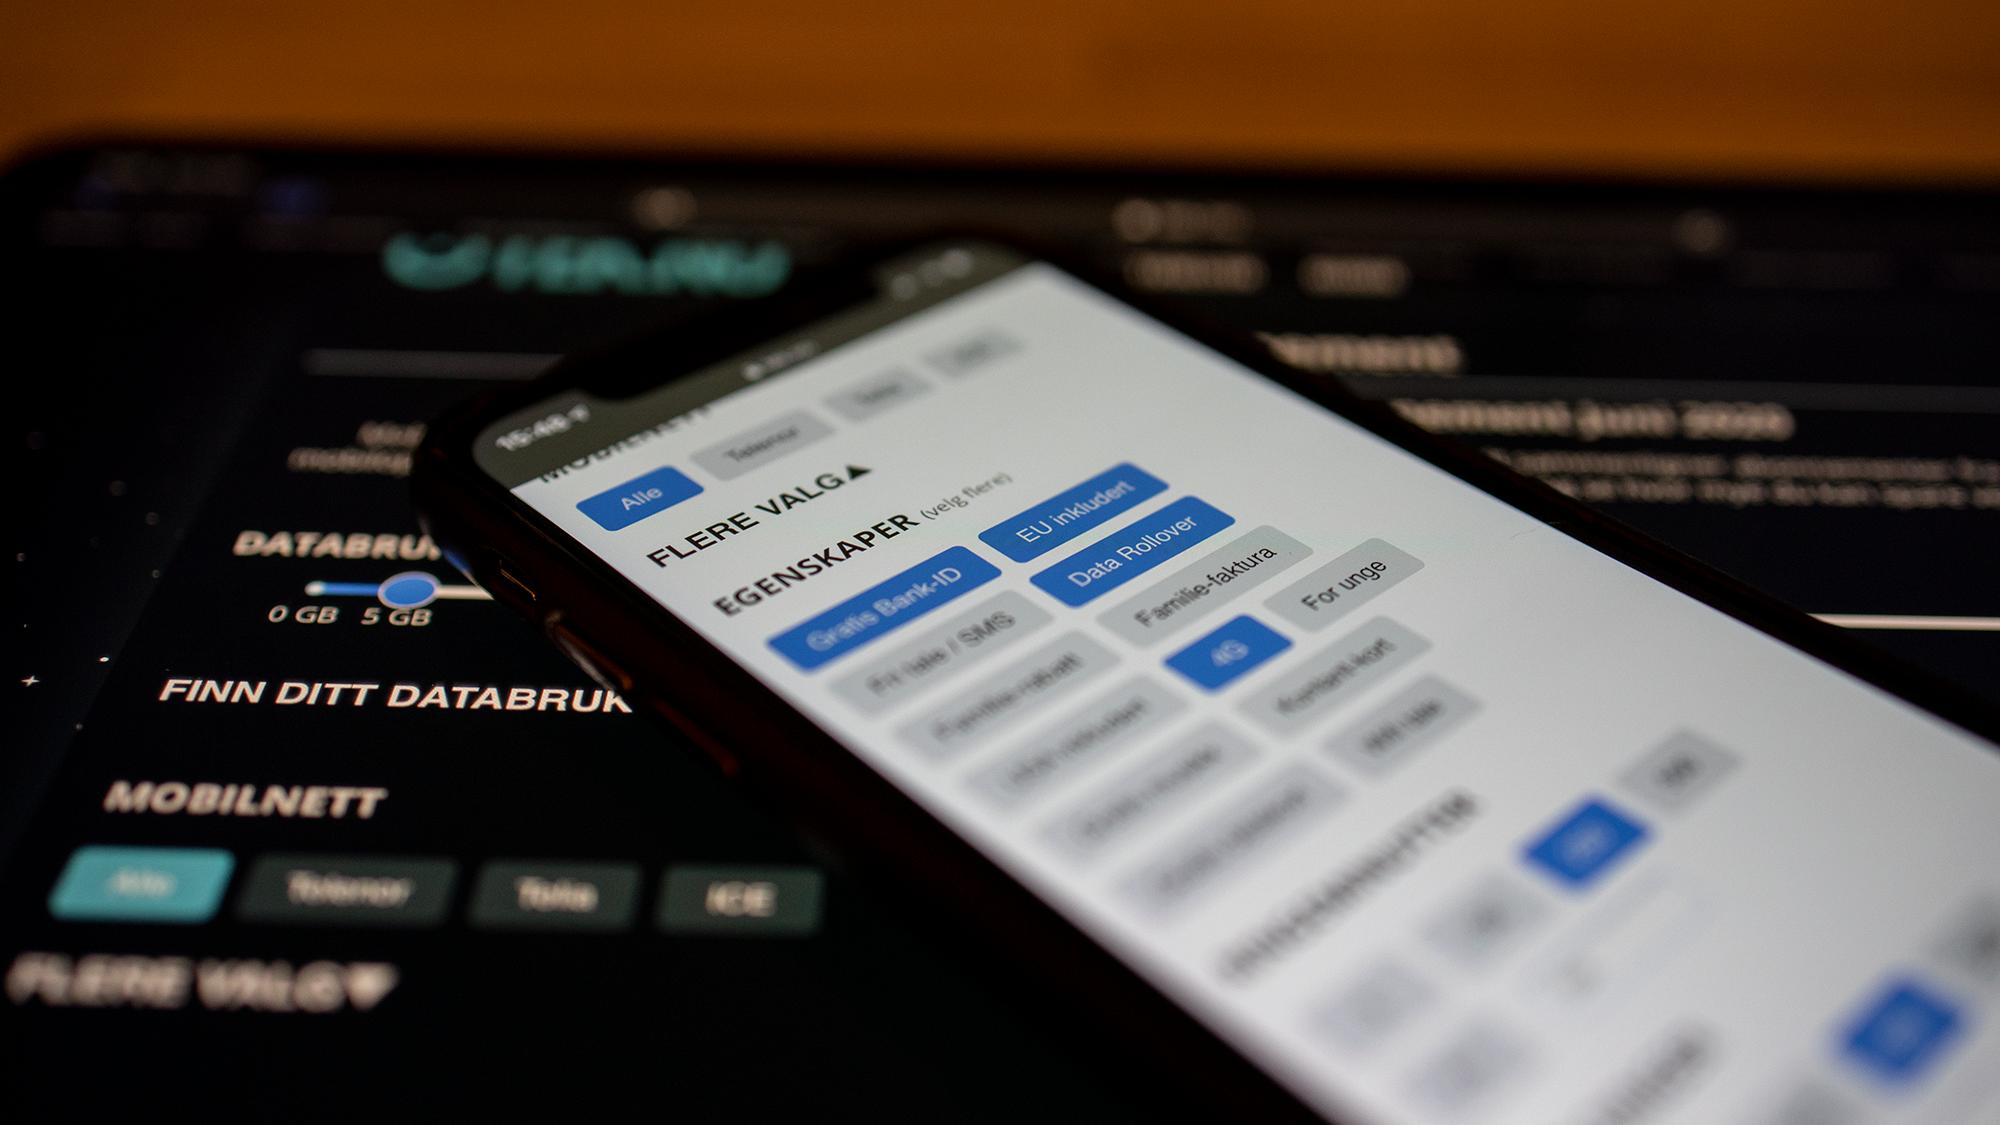 Forbrukerrådet maner til å bytte mobilabonnement: - Mange vil bli overrasket